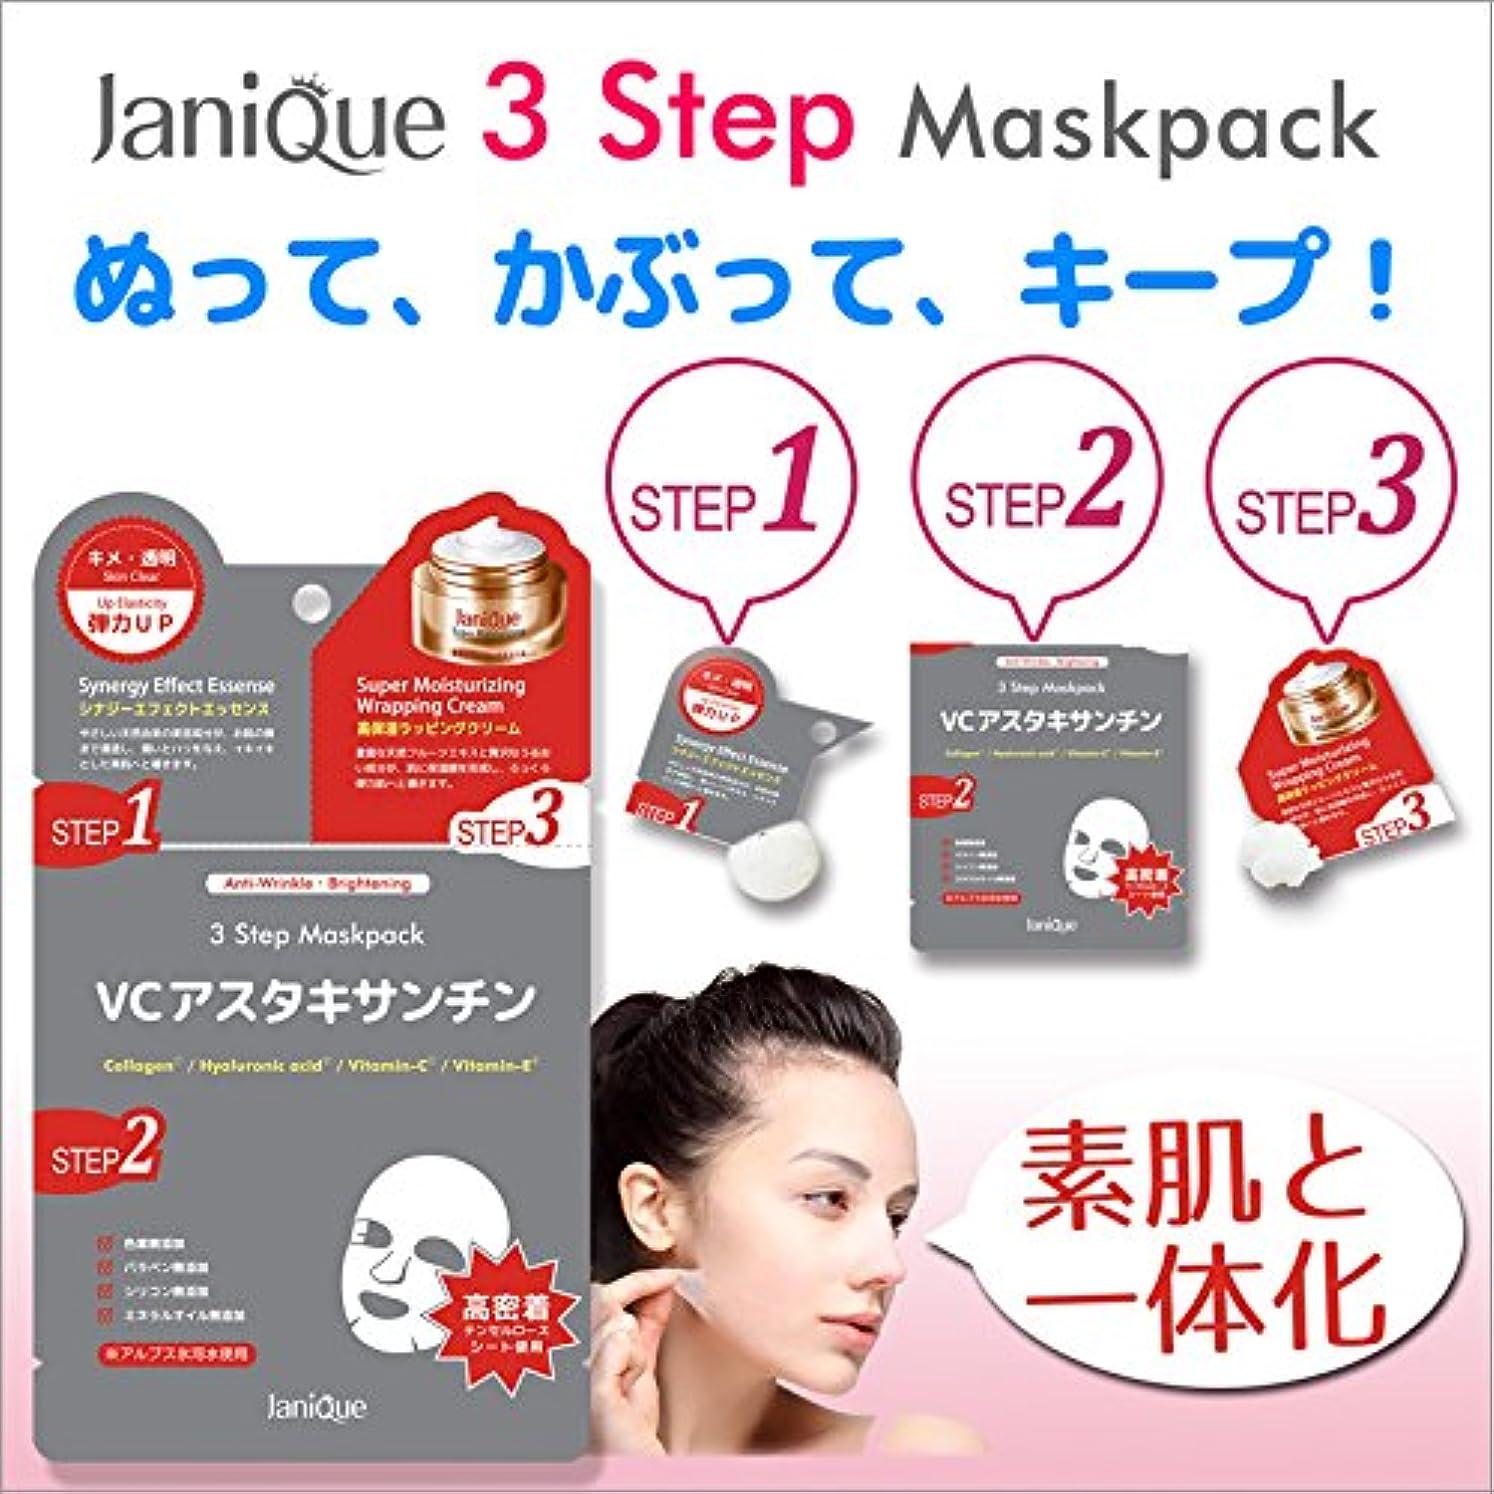 ガチョウコールド最少Janique(ジャニーク)3ステップマスクパック?VCアスタキサンチン(全3種